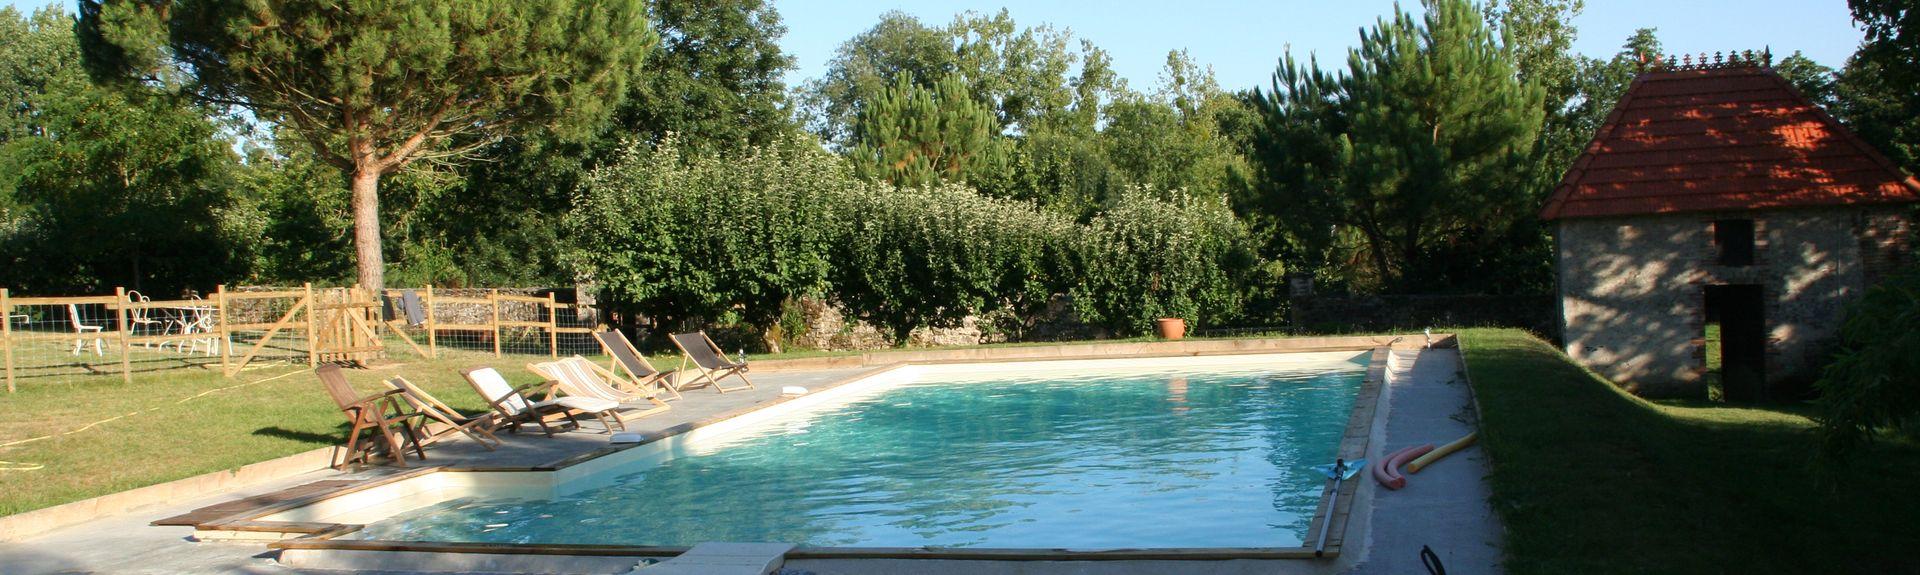 Bellevigny, Kraje Loary, Francja